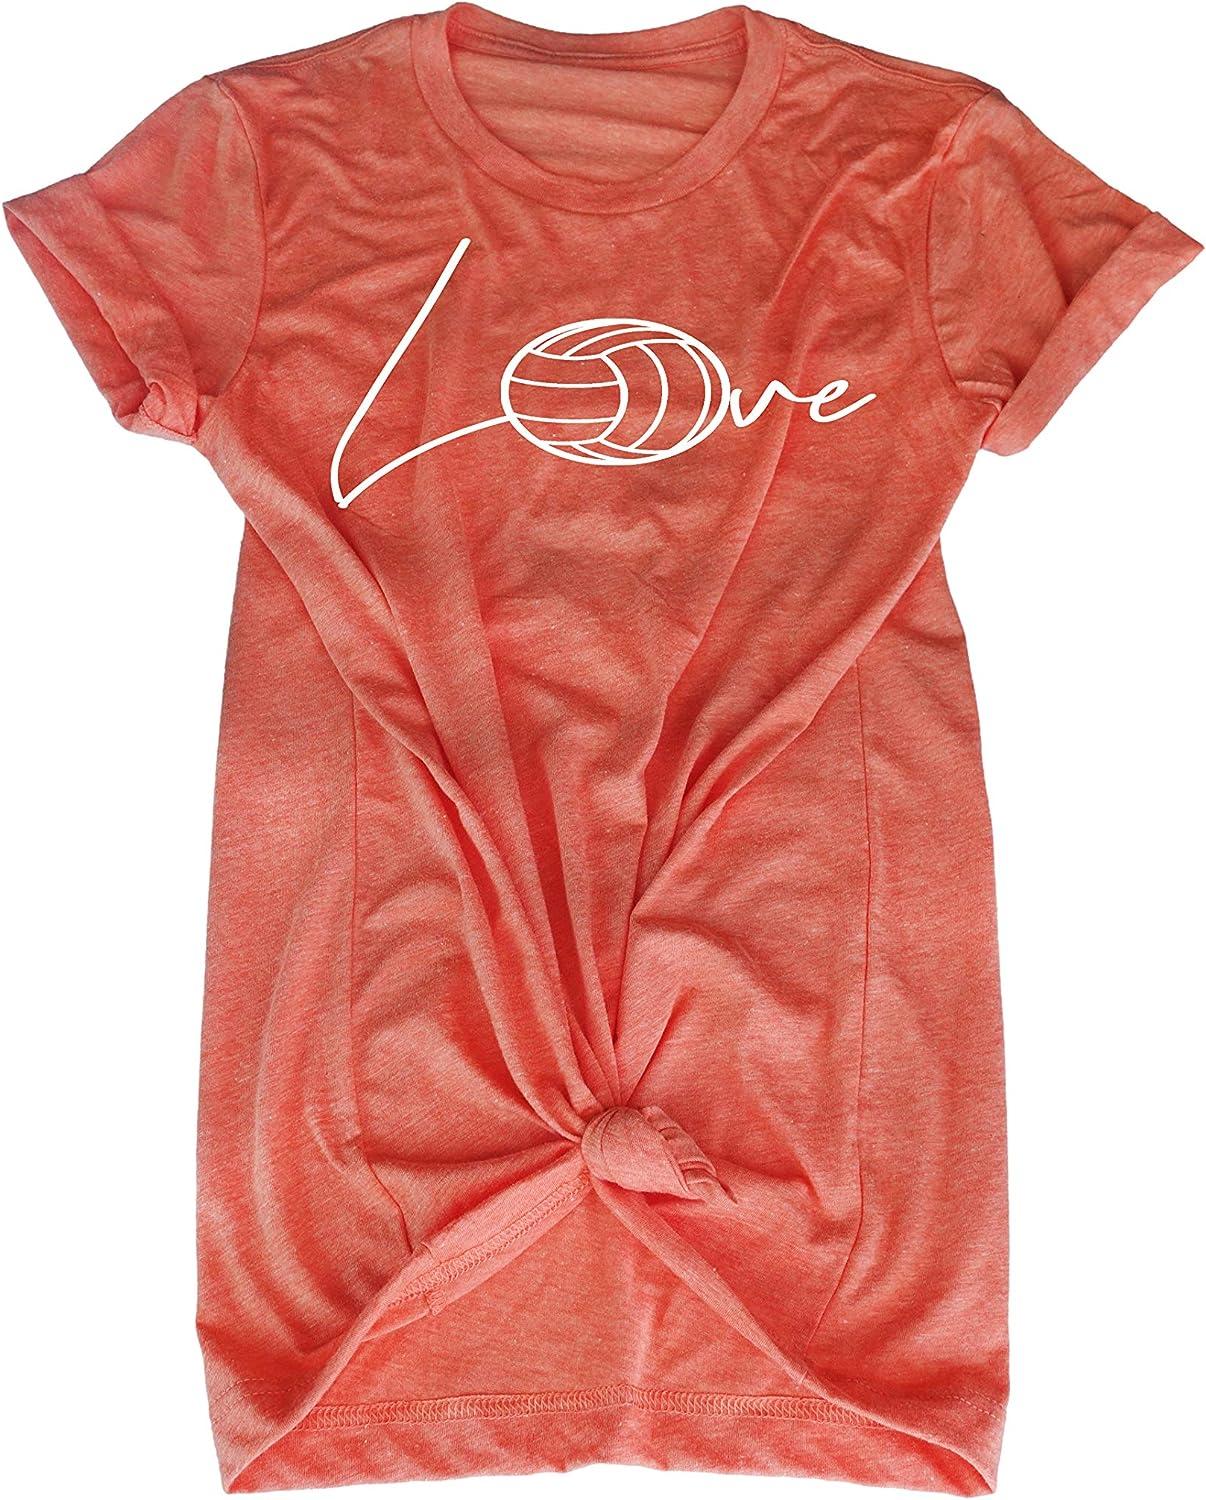 Volleyball Tee Shirt - Love Volleyball Ball - Volleyball Player Teen Girls t-Shirt Gift